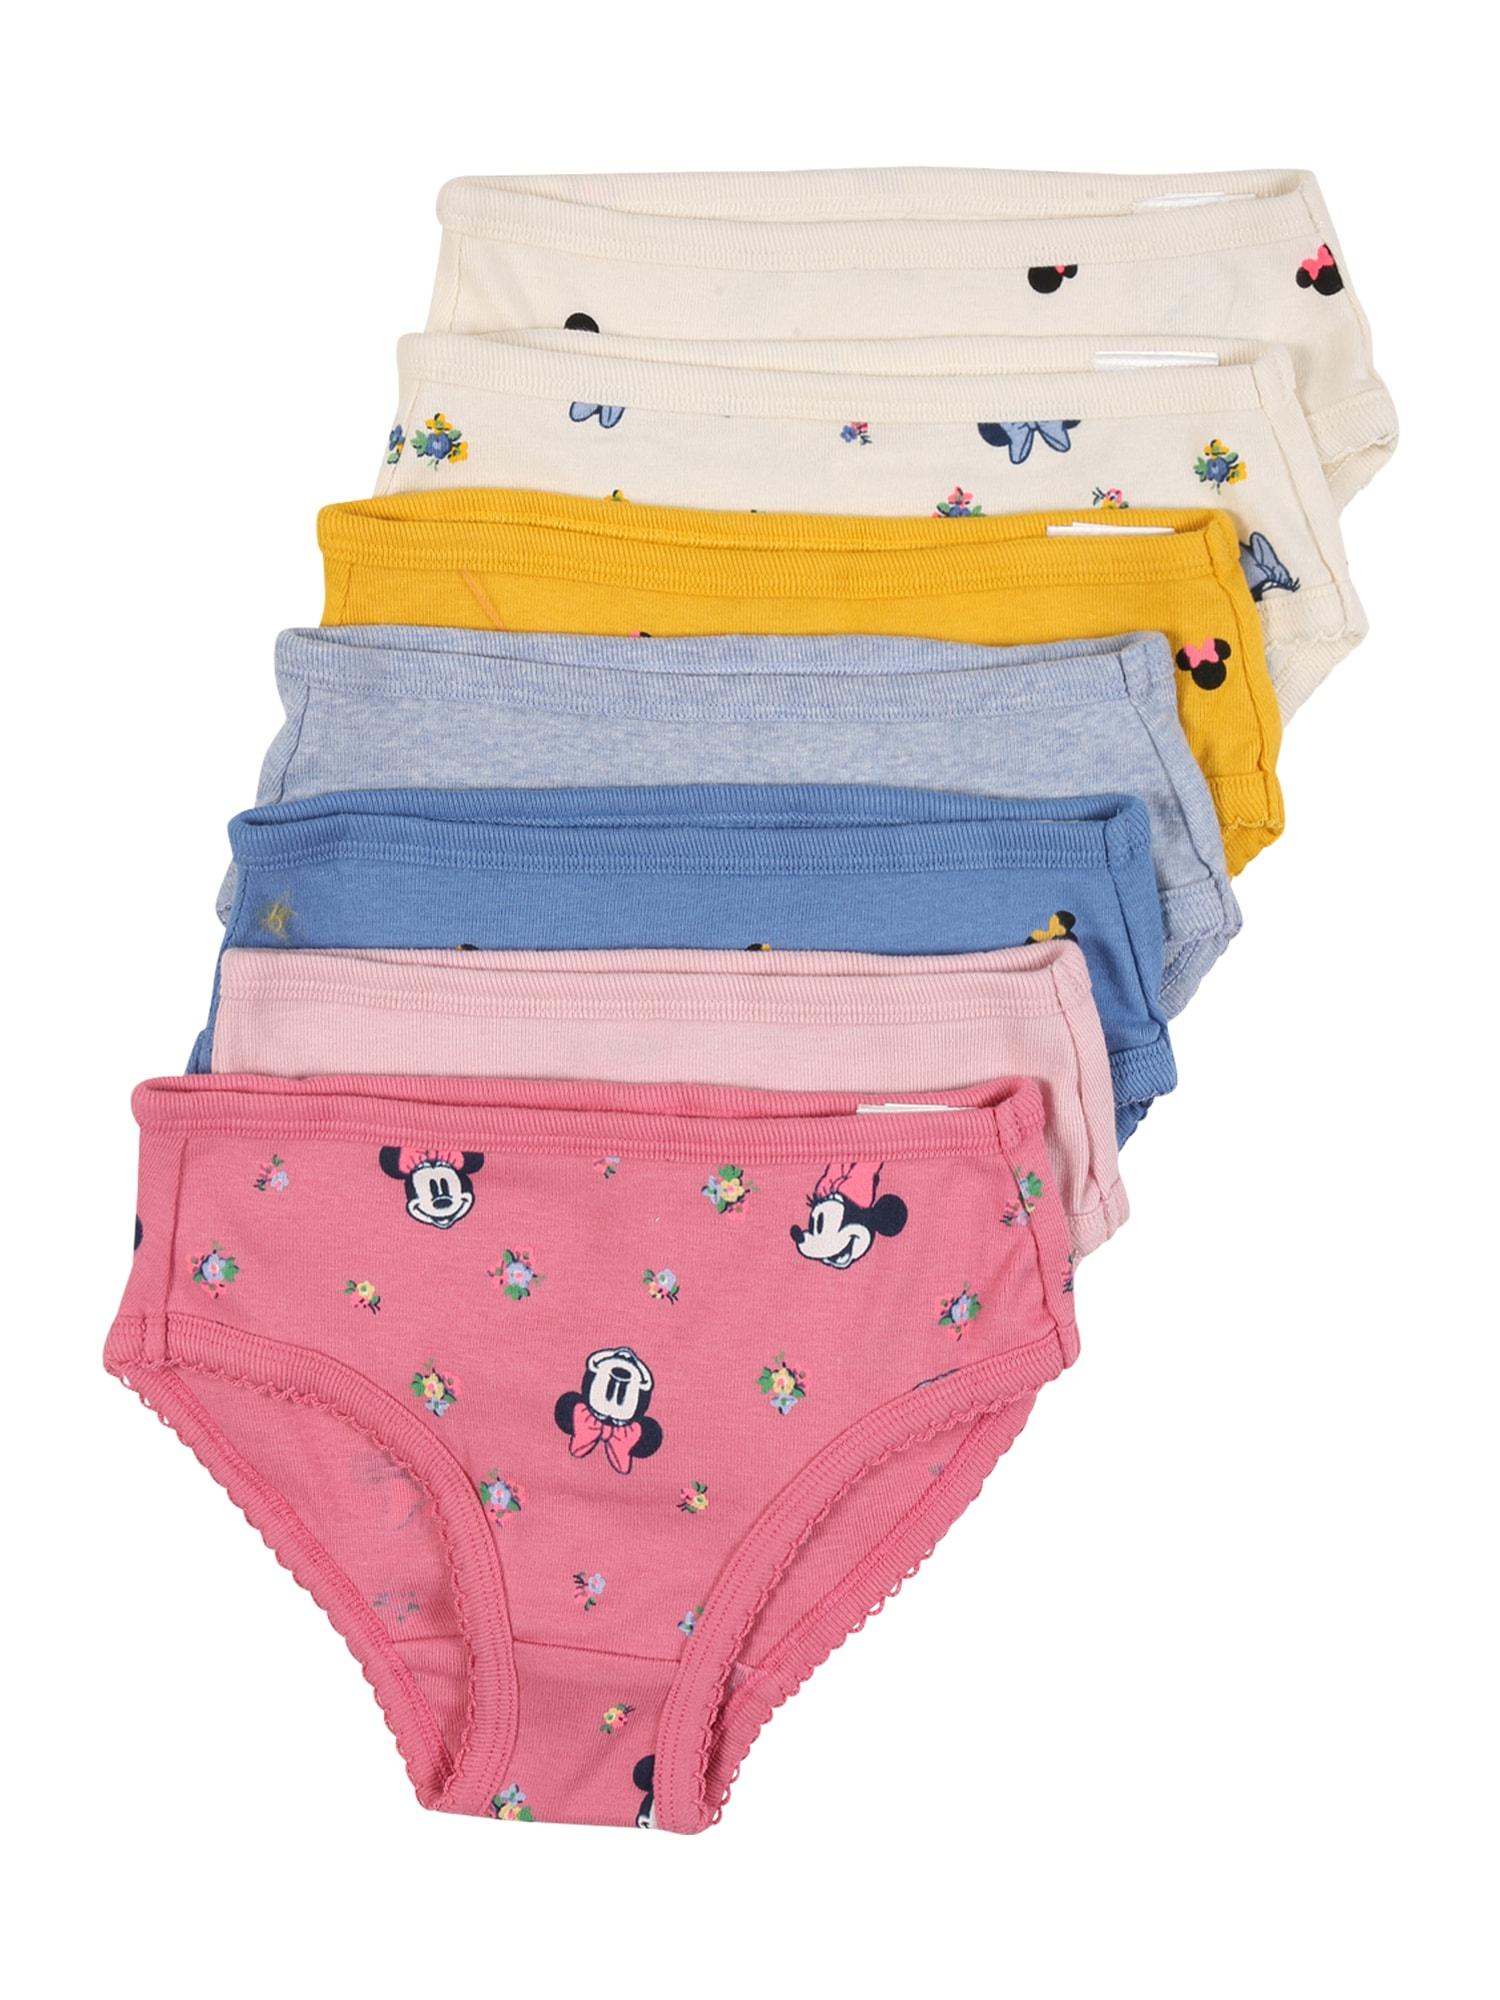 GAP Spodní prádlo 'MINNI'  mix barev